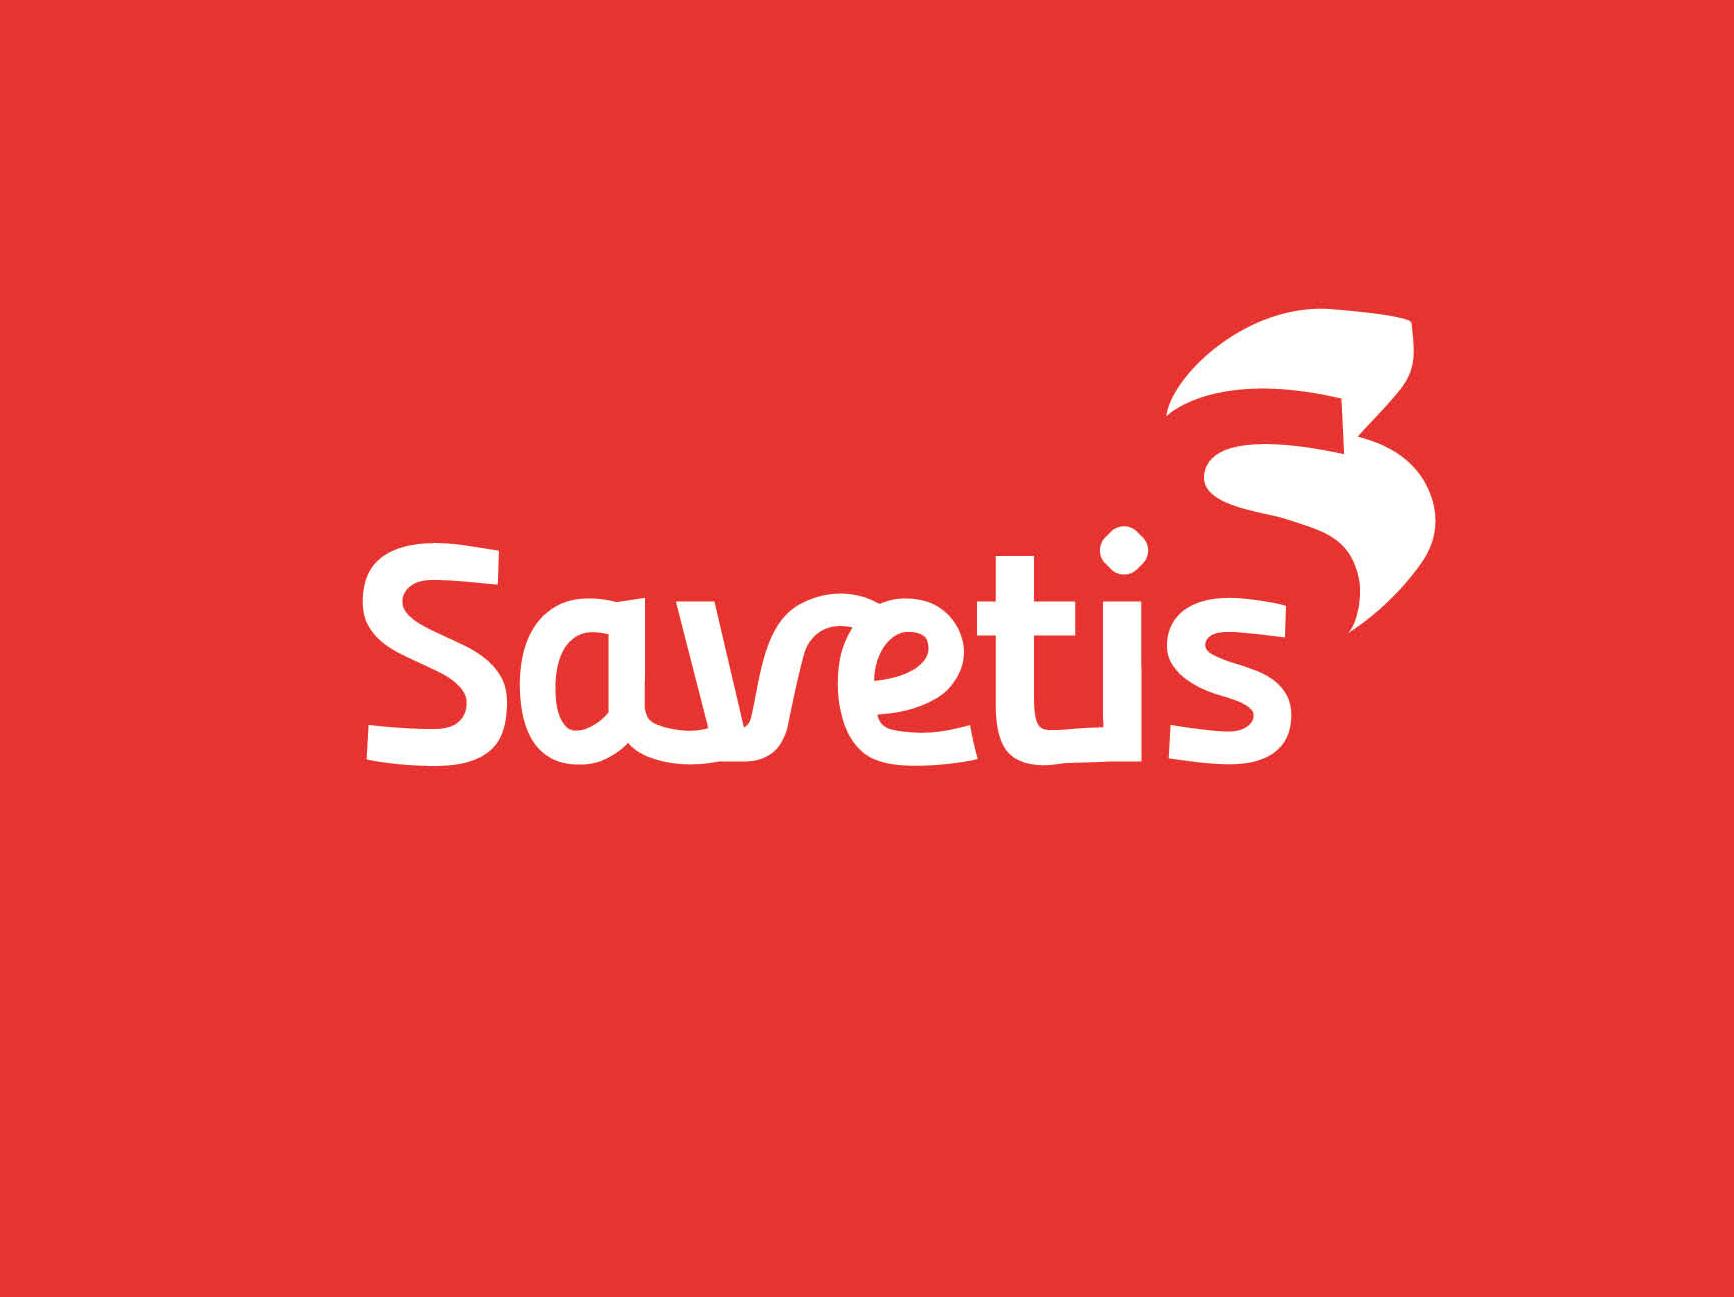 logo Savetis